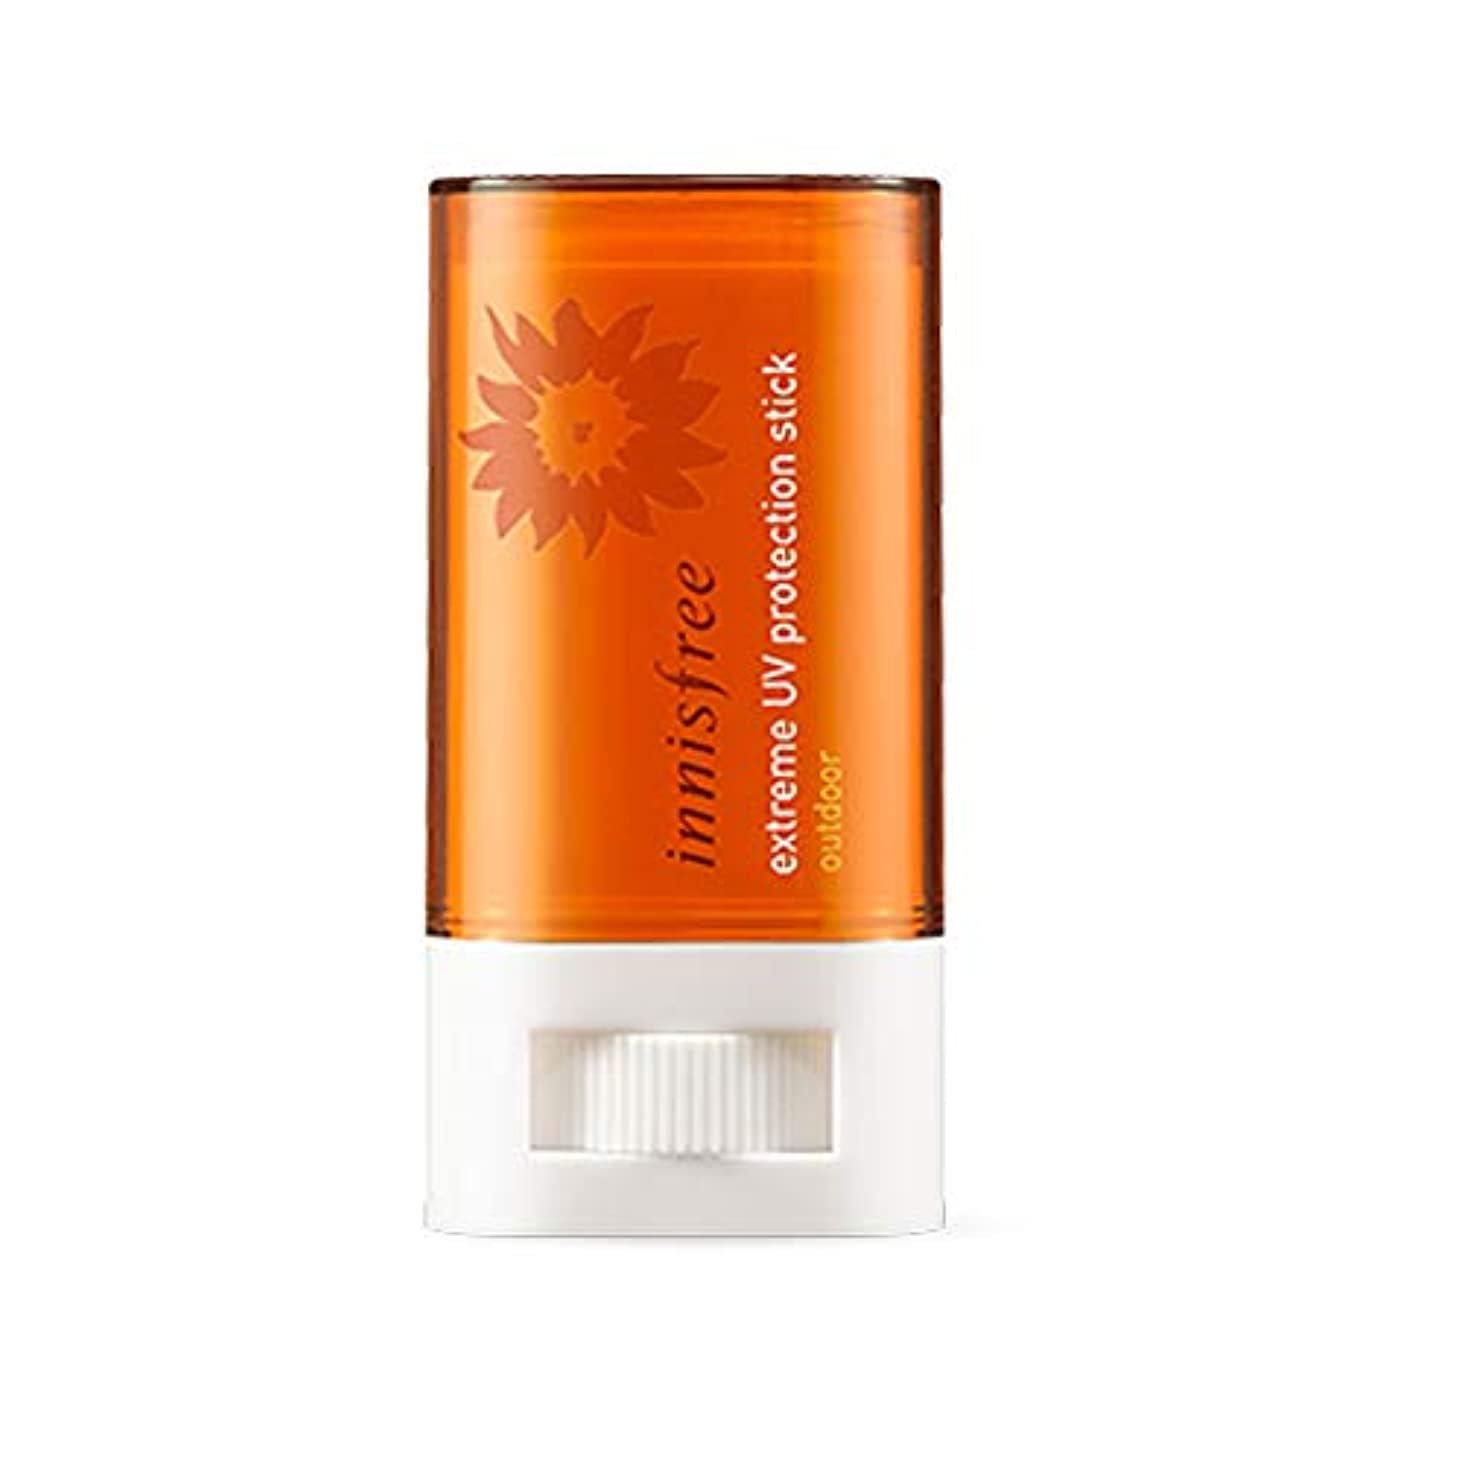 ラバもっと多様性イニスフリーエクストリームUVプロテクションスティックアウトドアSPF50 + PA ++++ 19g Innisfree Extreme UV Protection Stick Outdoor SPF50 + PA +...